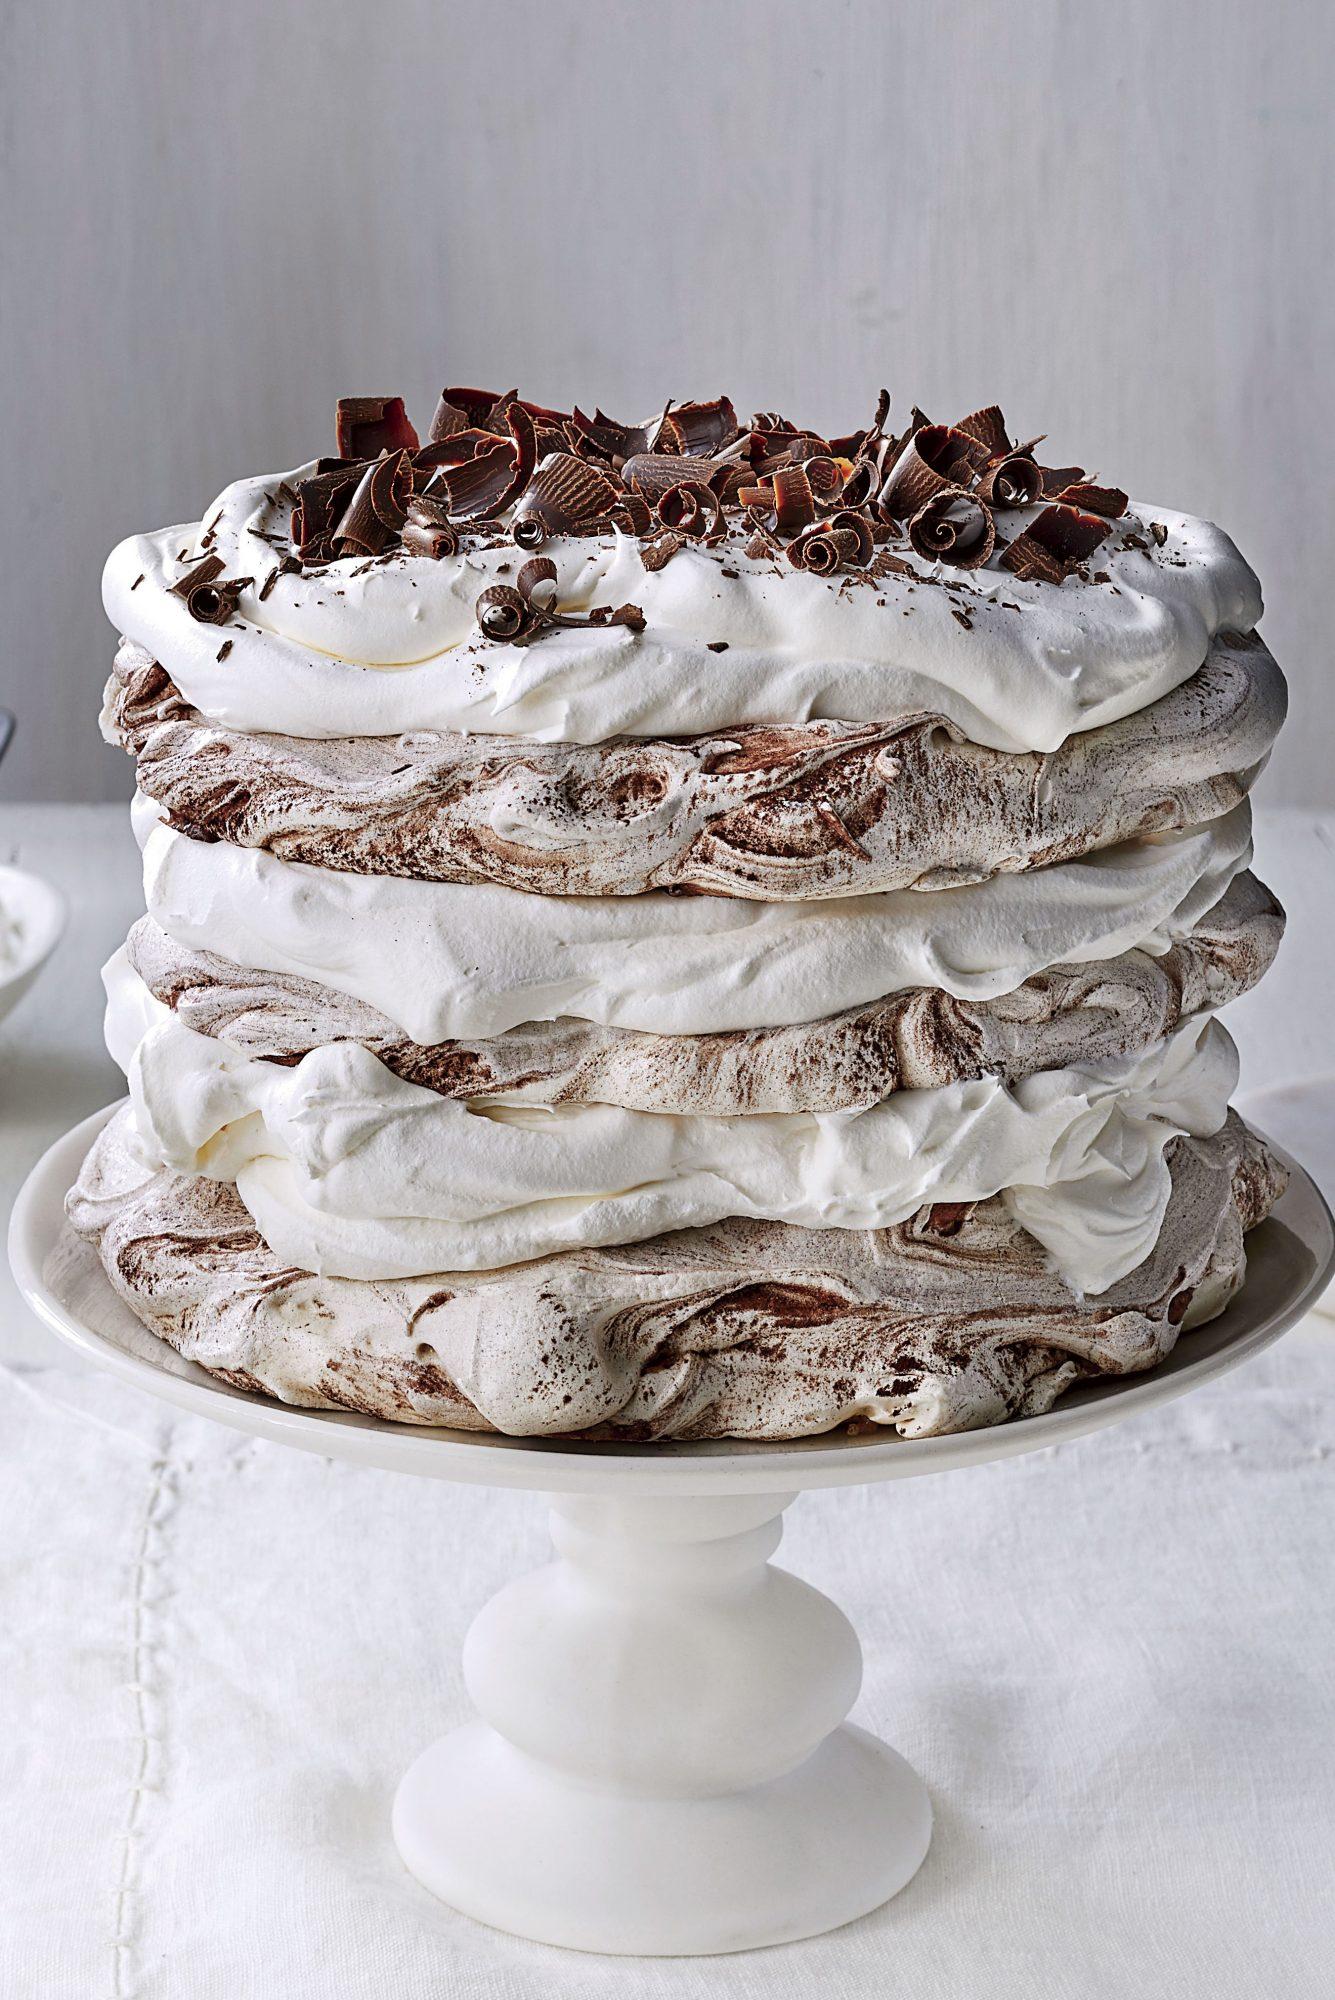 Chocolate-Coconut Pavlova Cake